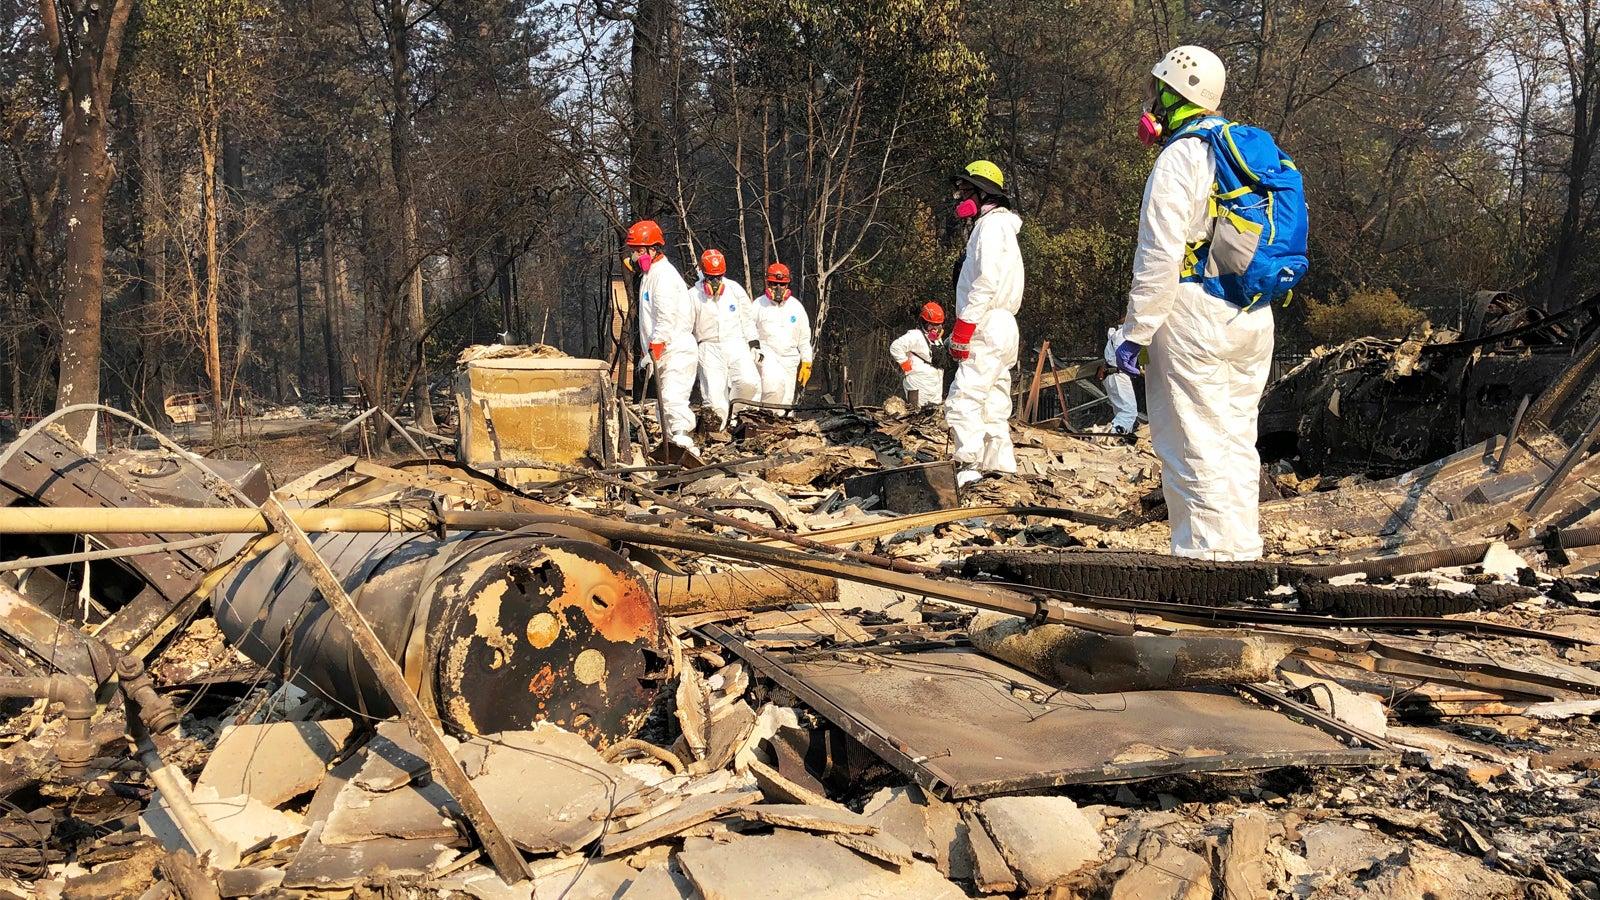 Zahl der Toten in Kalifornien steigt auf 77 - über 1000 Menschen bleiben vermisst